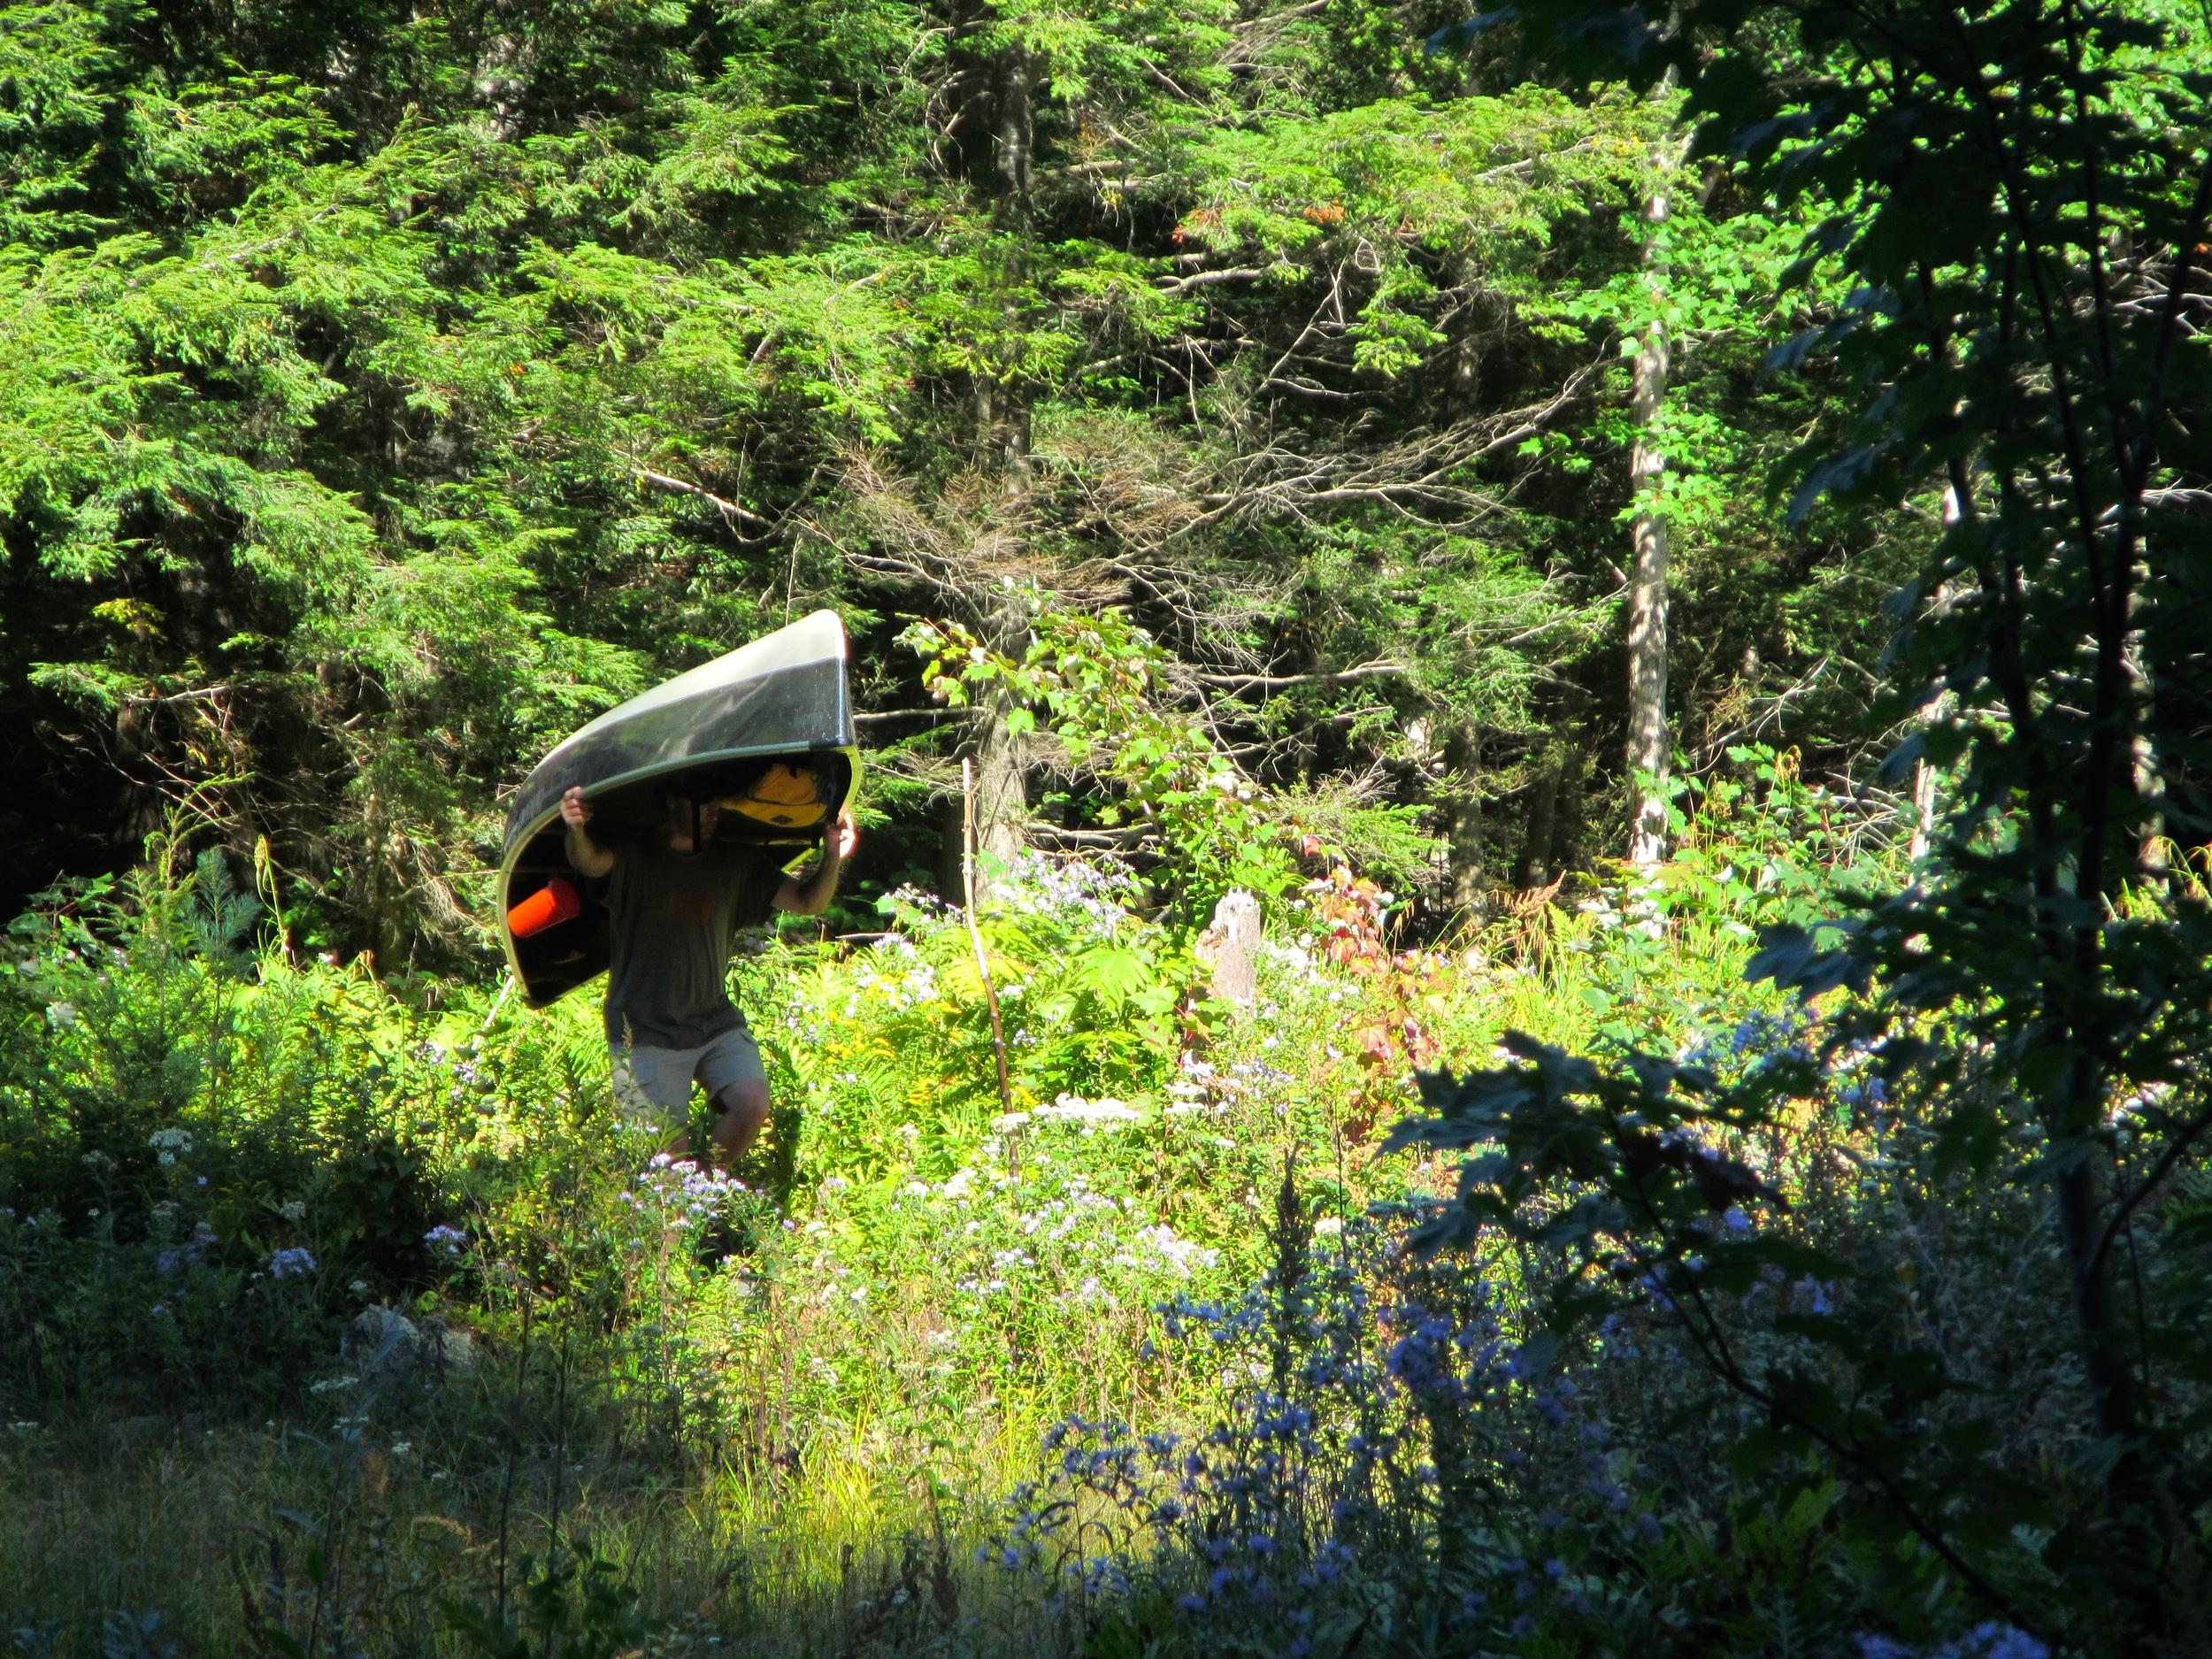 Portaging the canoe in the bush